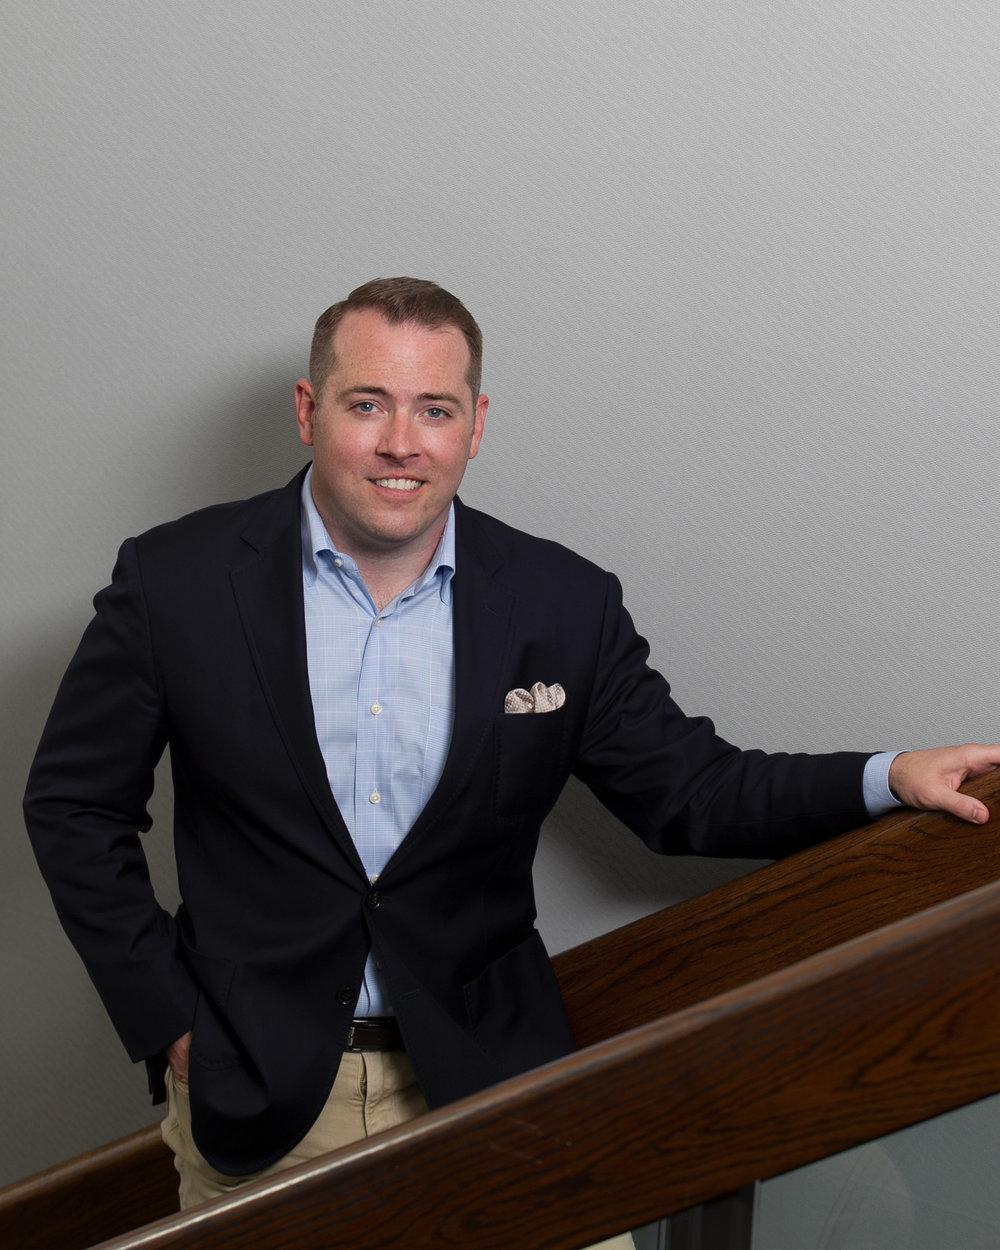 Mike McCarty President, Taft Development Group